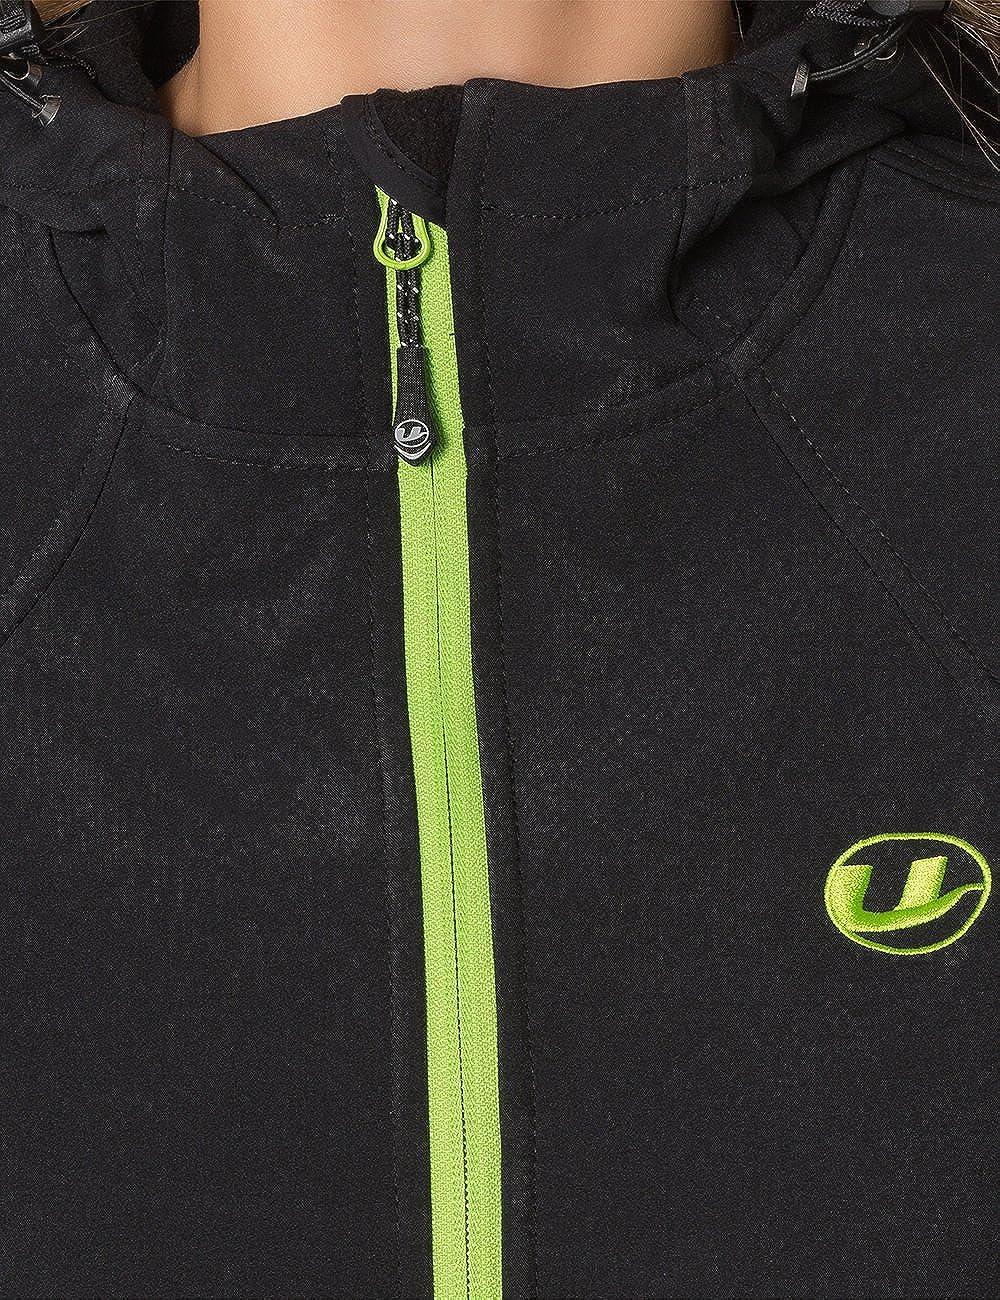 Ultrasport Damen-Funktions-Outdoorjacke Softshell Estelle mit Ultraflow 5.000